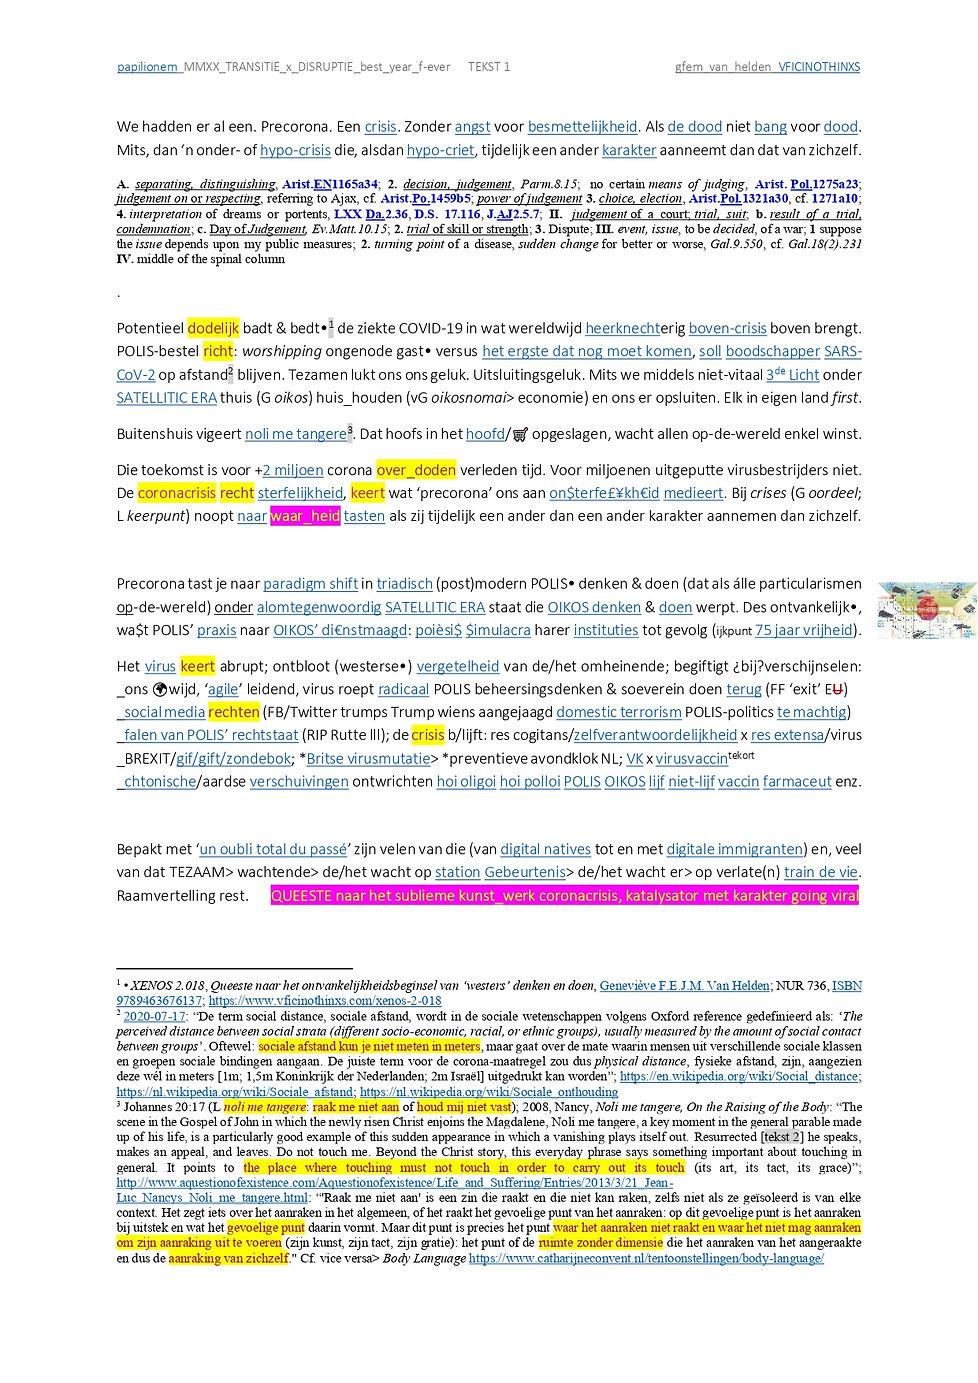 3 papilionem tekst 1_page-0001.jpg